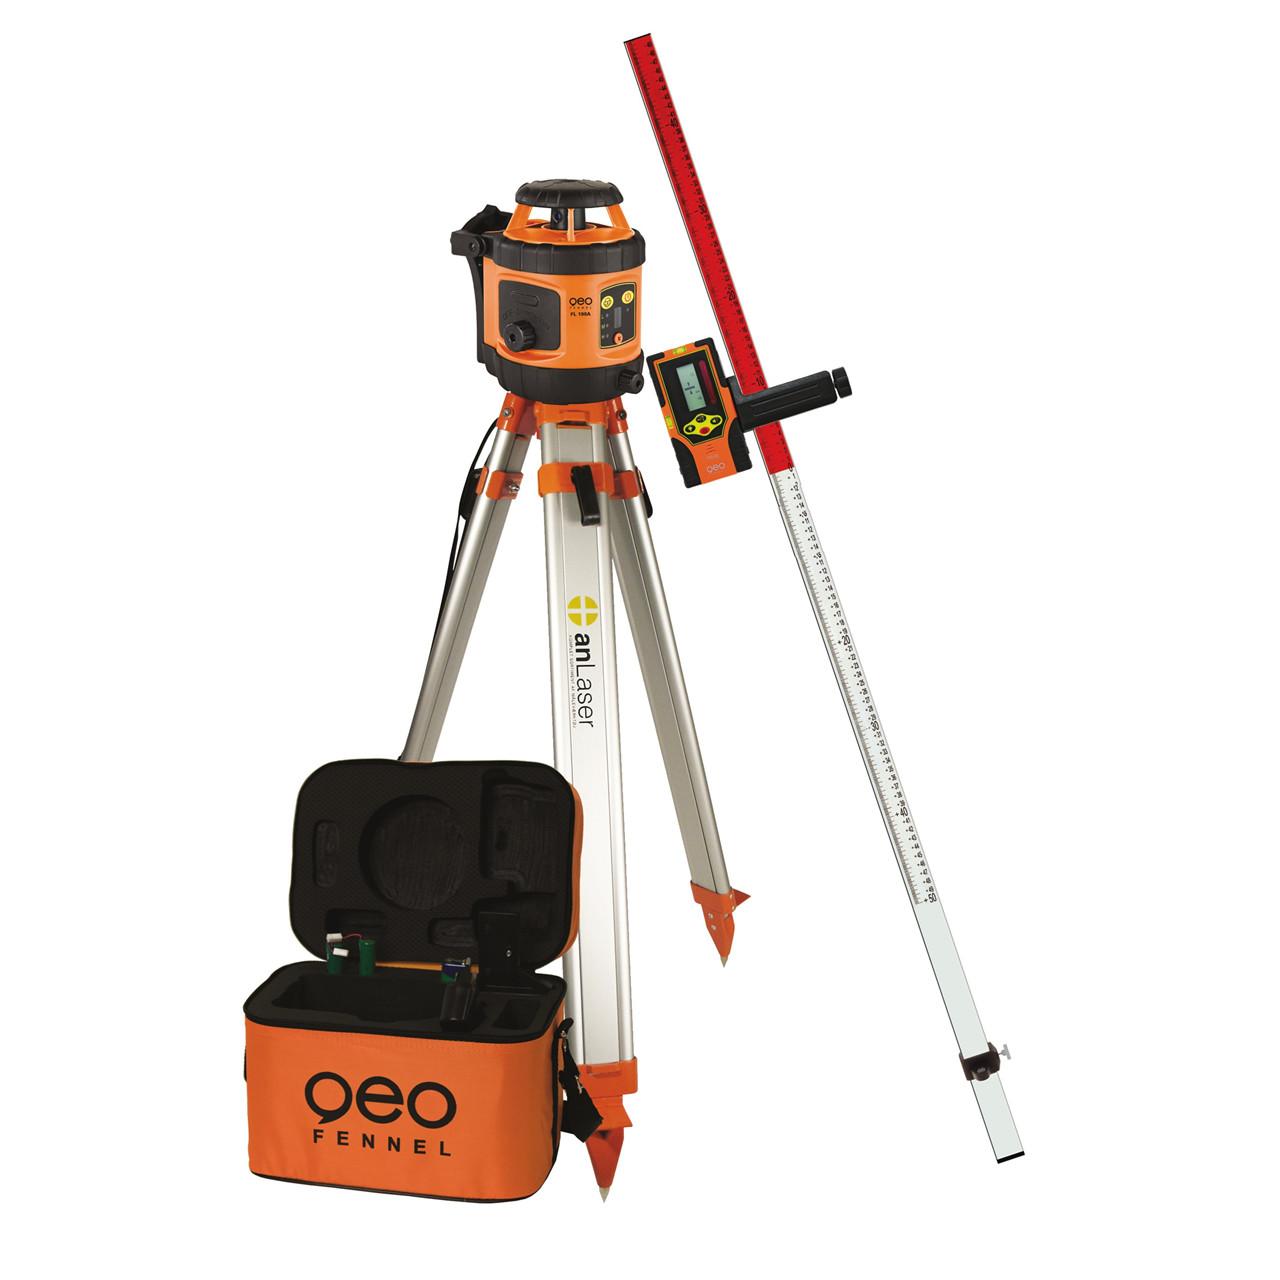 geoFENNEL Rotationslaser FL 190 A komplet - Værktøj -> Laser og måleinstrumenter -> Laser -> Cirkellaser|Værktøj -> Laser og måleinstrumenter -> Laser -> Rotationslaser|Værktøj -> Laser og måleinstrumenter -> Laser|Værktøj -> Laser og måleinstrumenter|Mærker -> geo-FEN